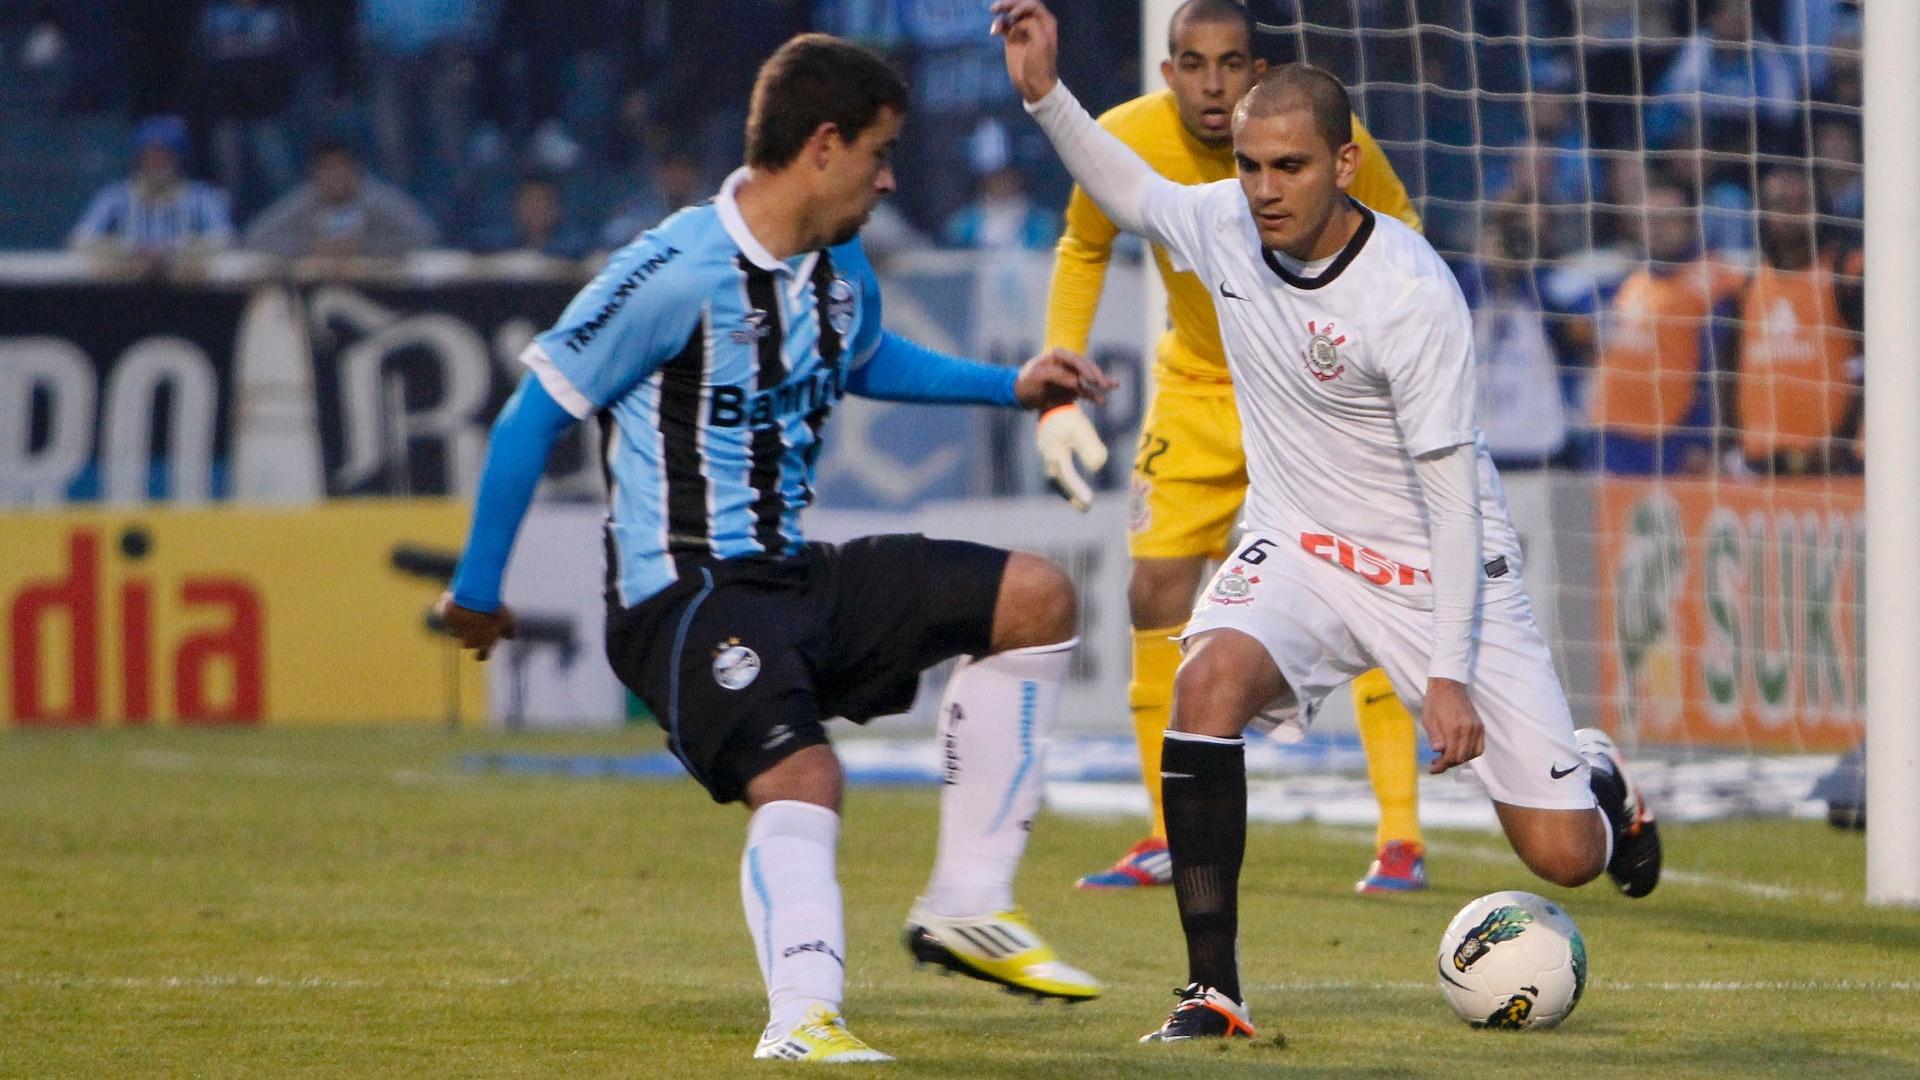 Fábio Santos tenta driblar André Lima à frente da área do goleiro Danilo Fernandes, do Corinthians